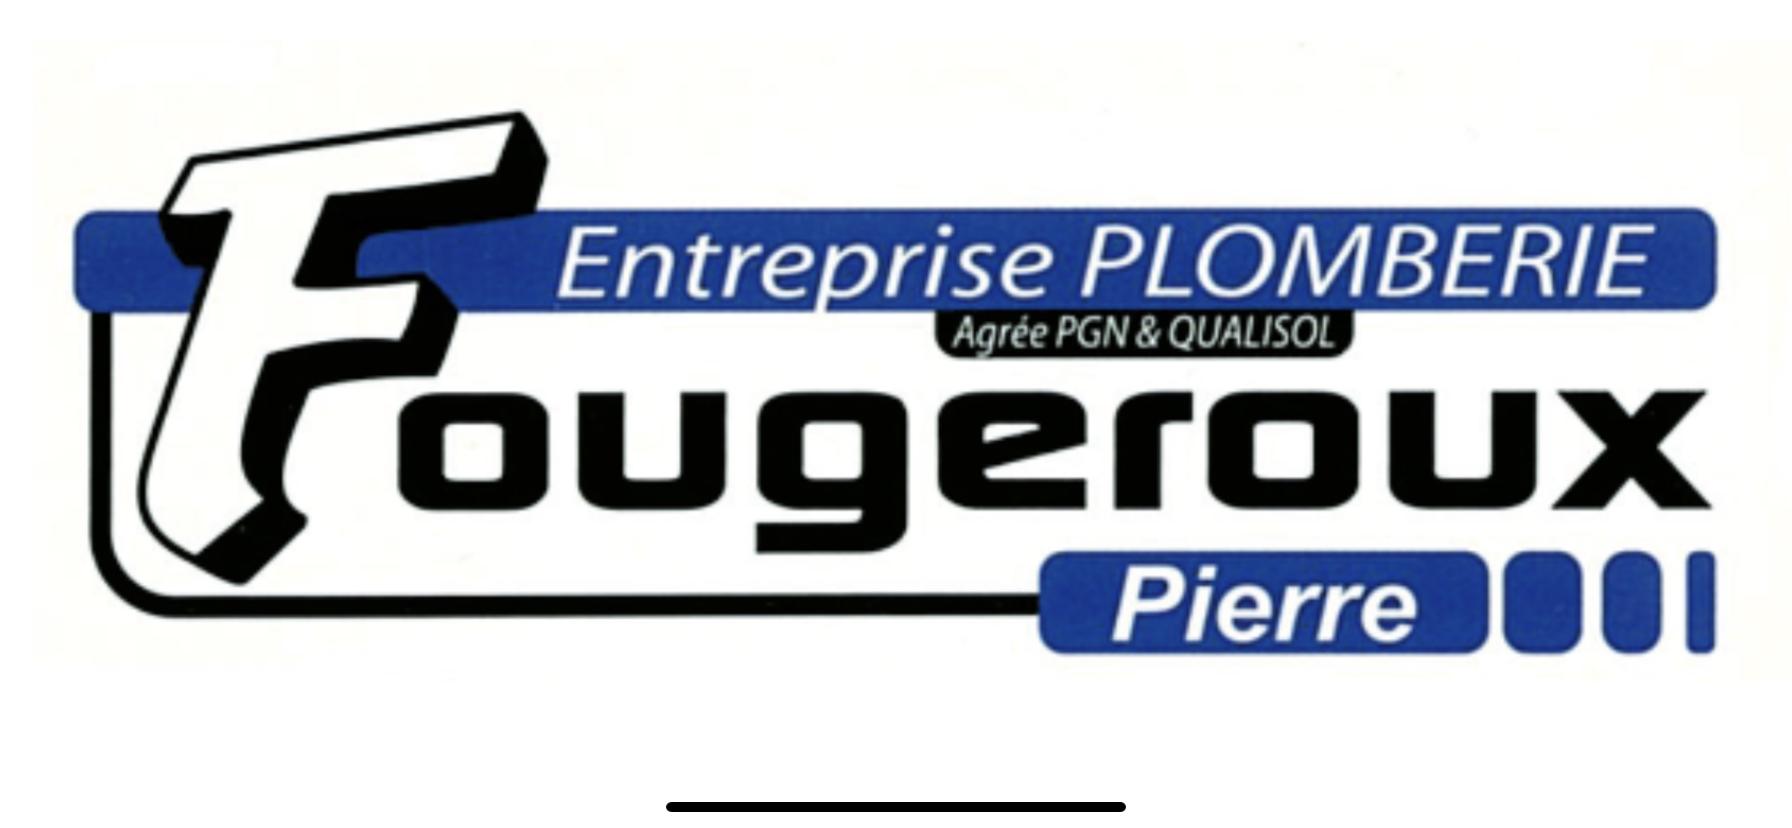 Entreprise De Plomberie Fougeroux Pierre plombier